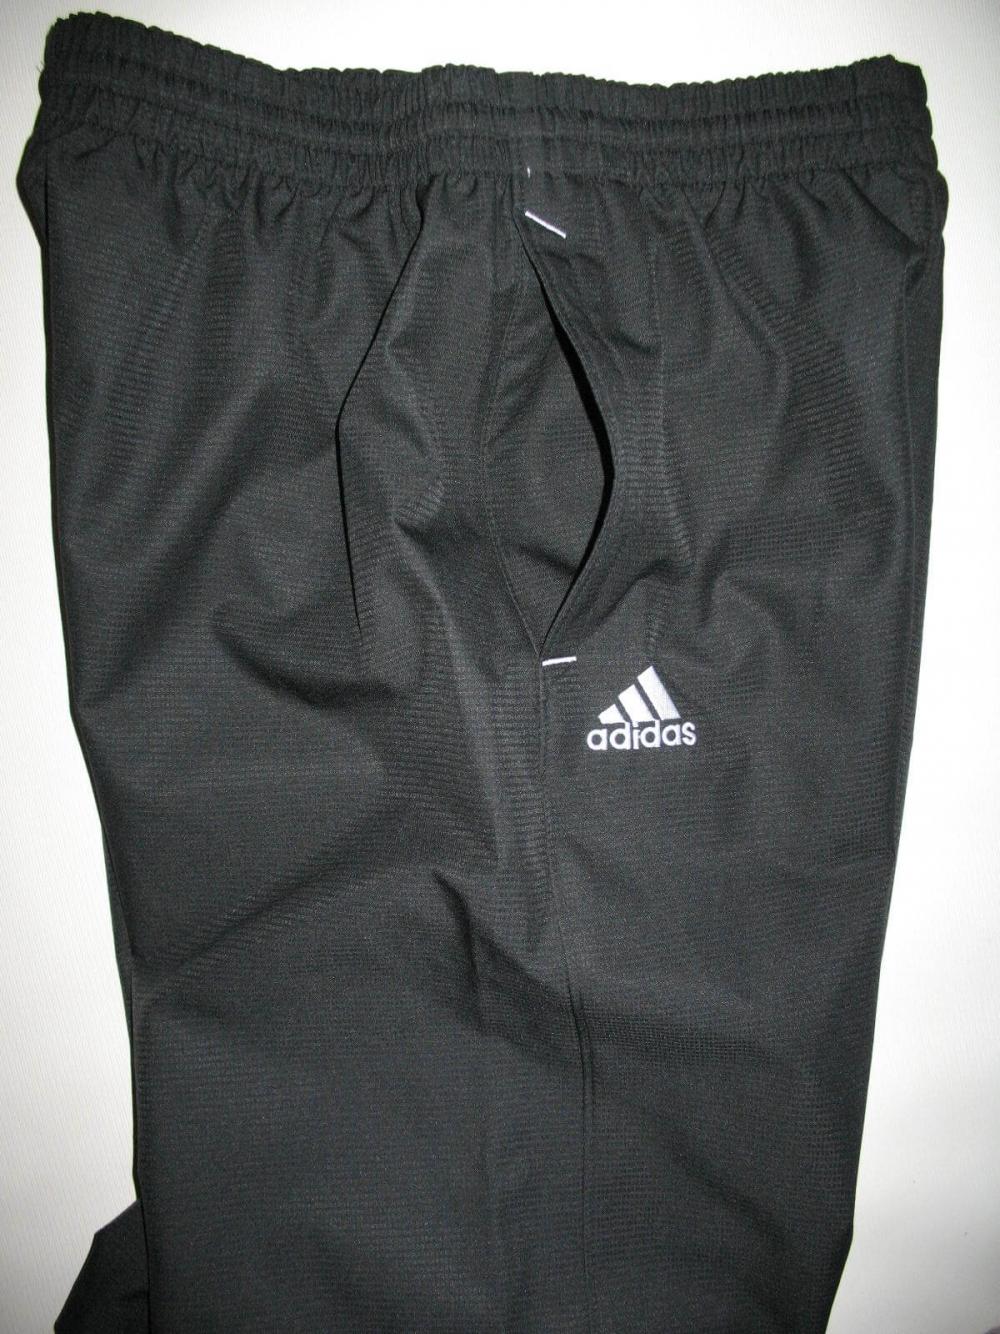 Штаны ADIDAS team woven pant lady/unisex (размер S/M) - 4